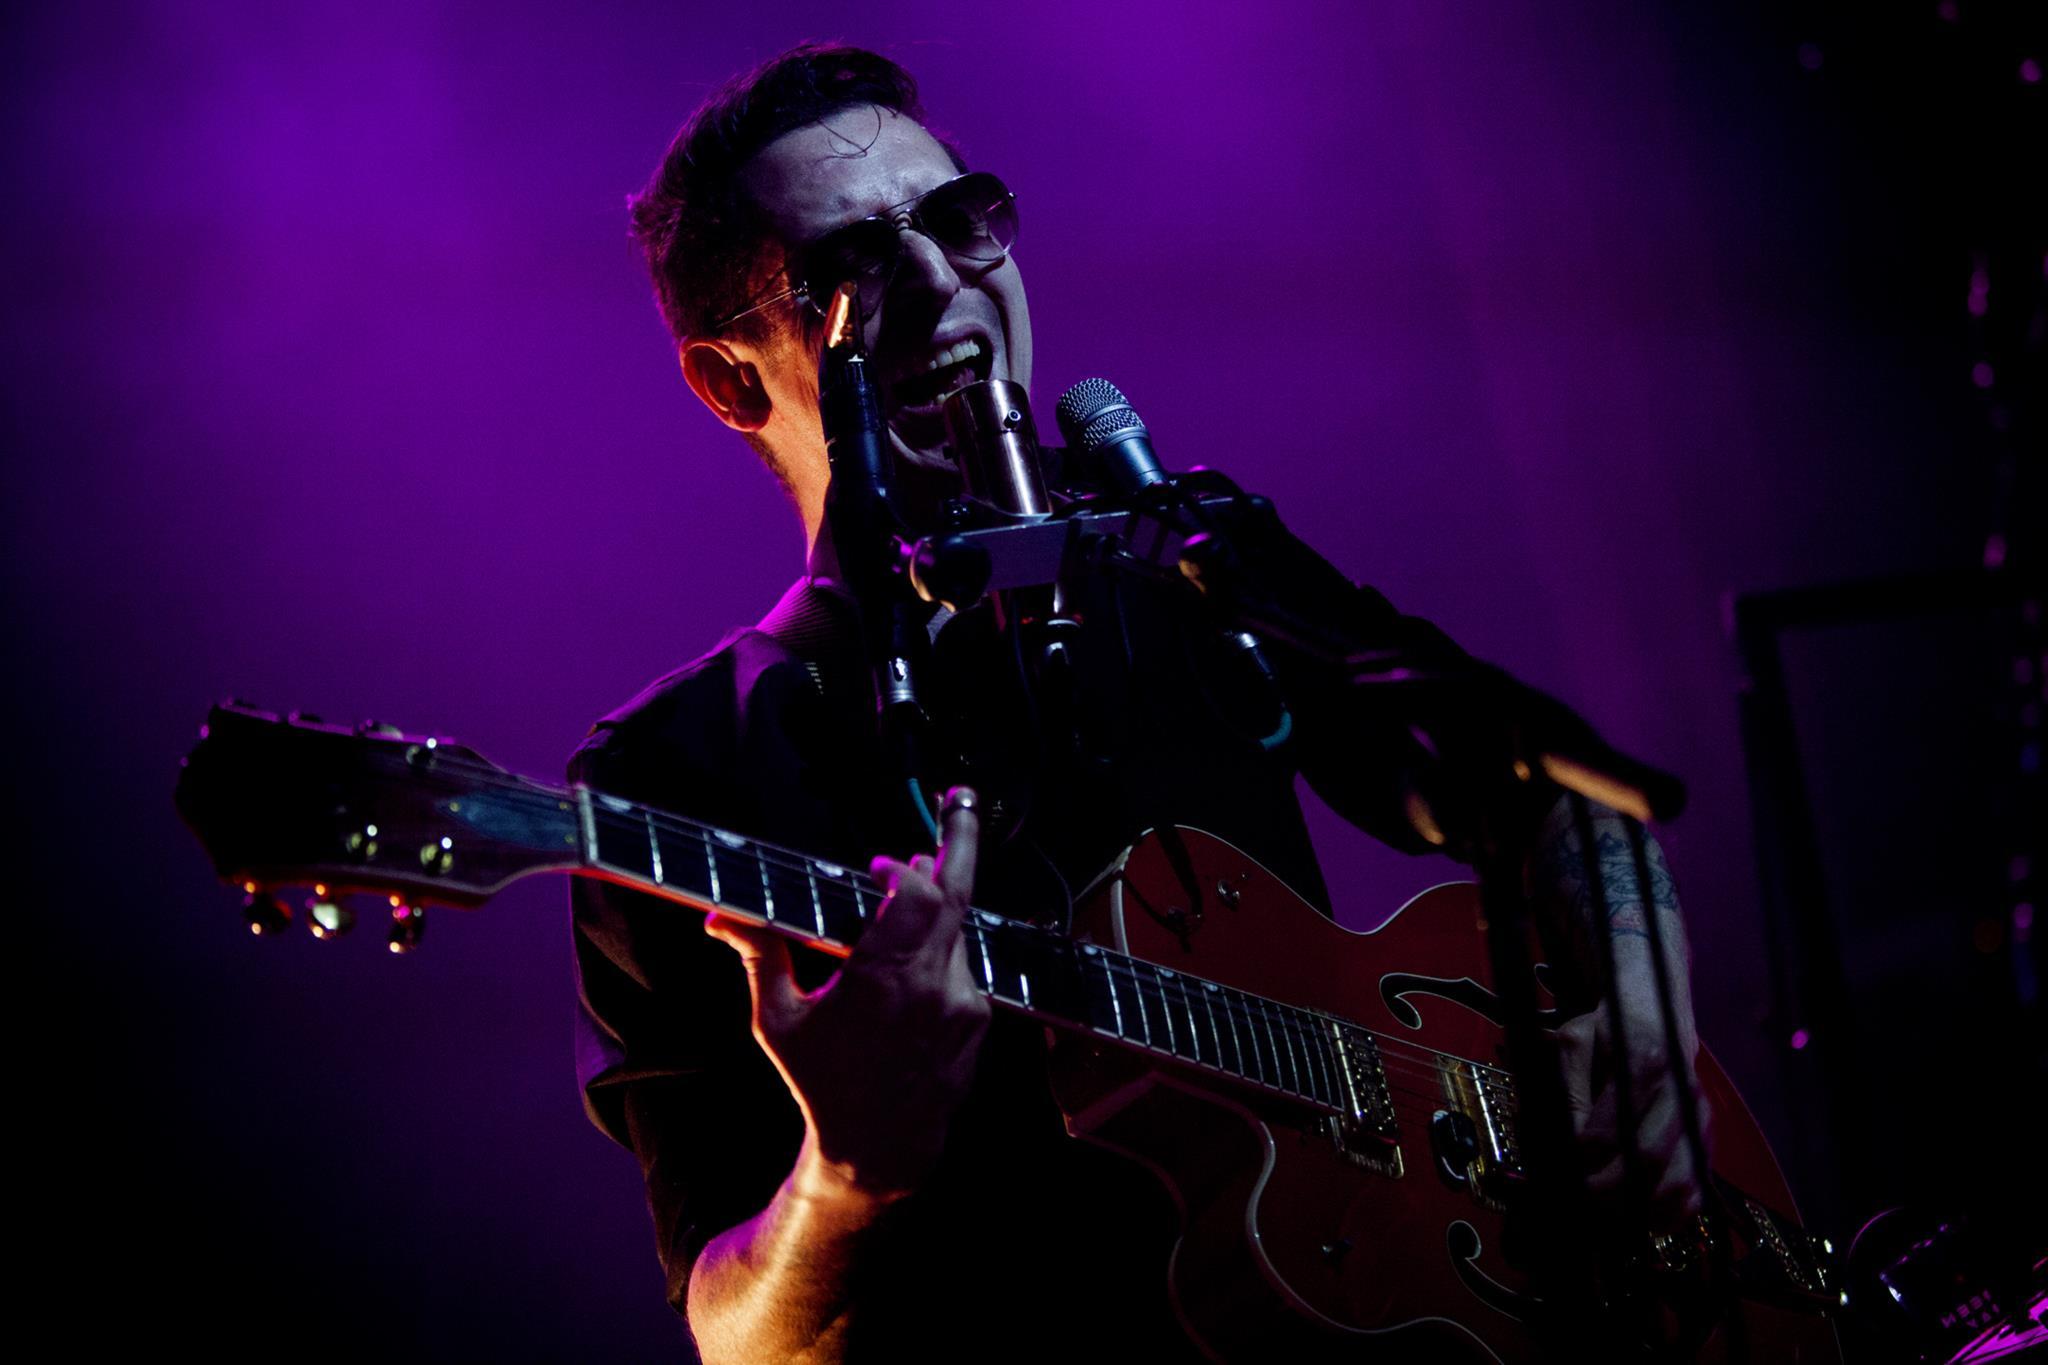 PÚBLICO - Música portuguesa em destaque em festival francês